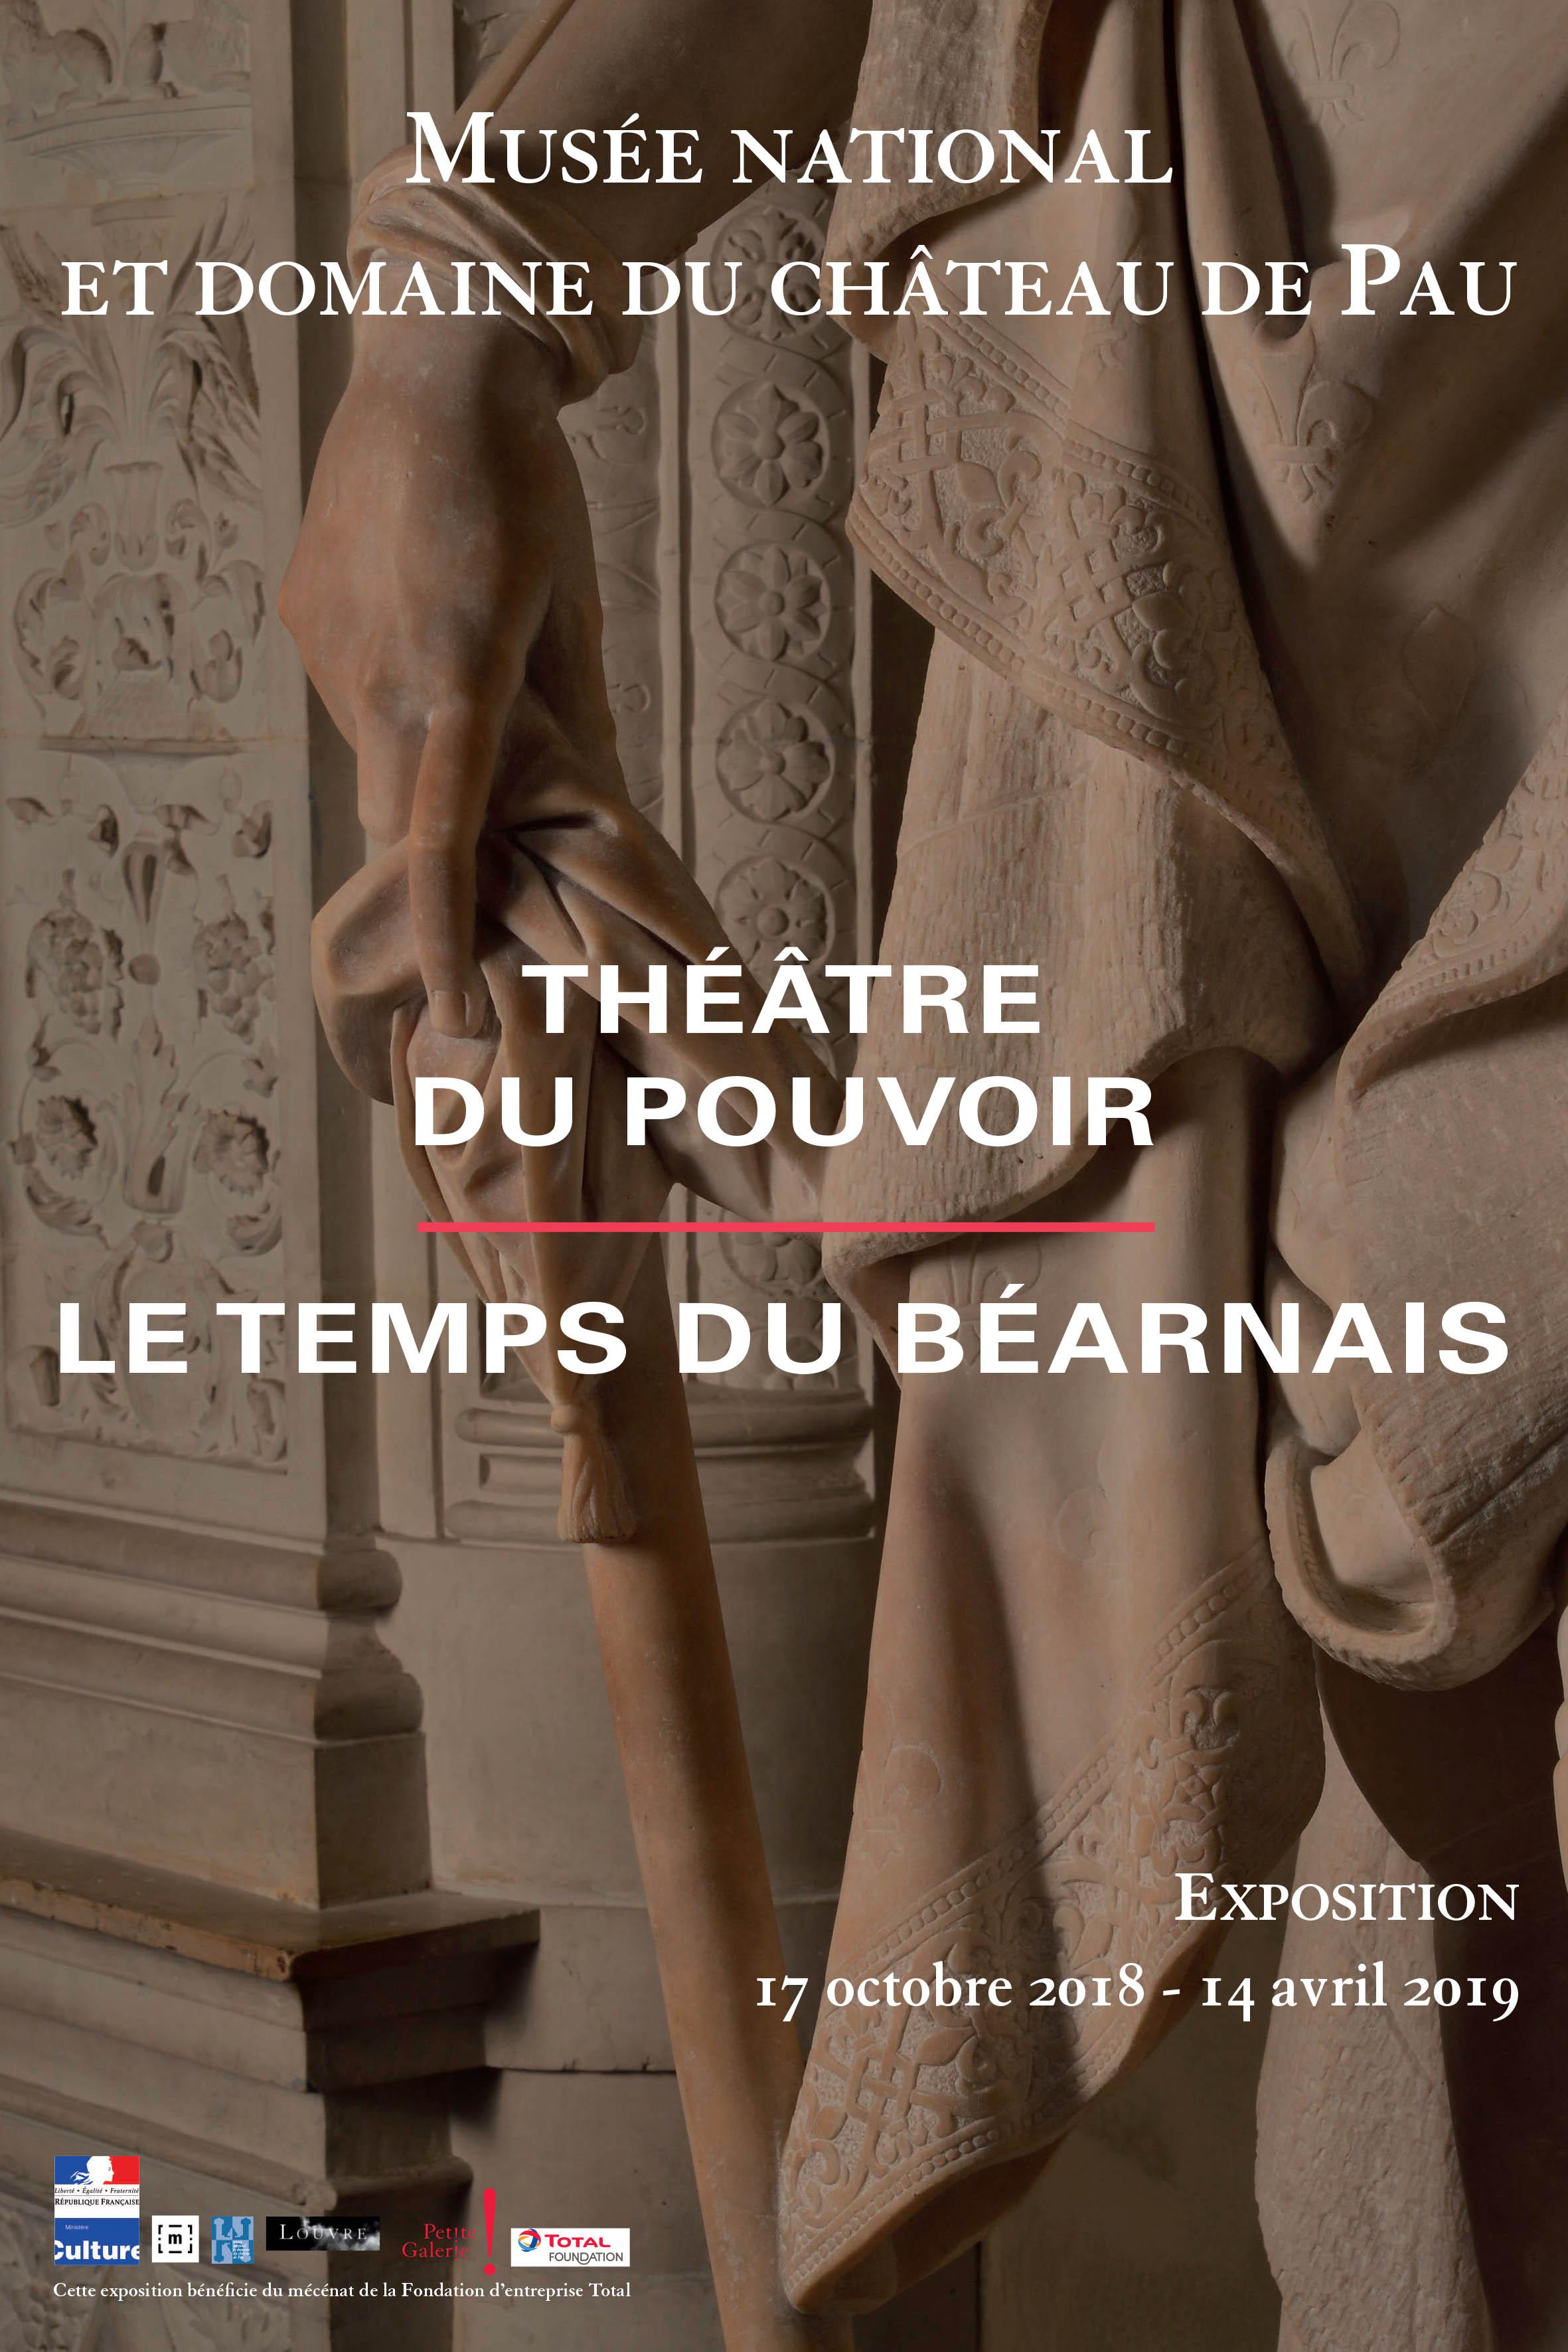 """Affiche de l'exposition - Détails de la sculpture """"Henri IV en pied"""", de Pierre de Franqueville réalisée en 1605 en marbre blanc de Carrare"""